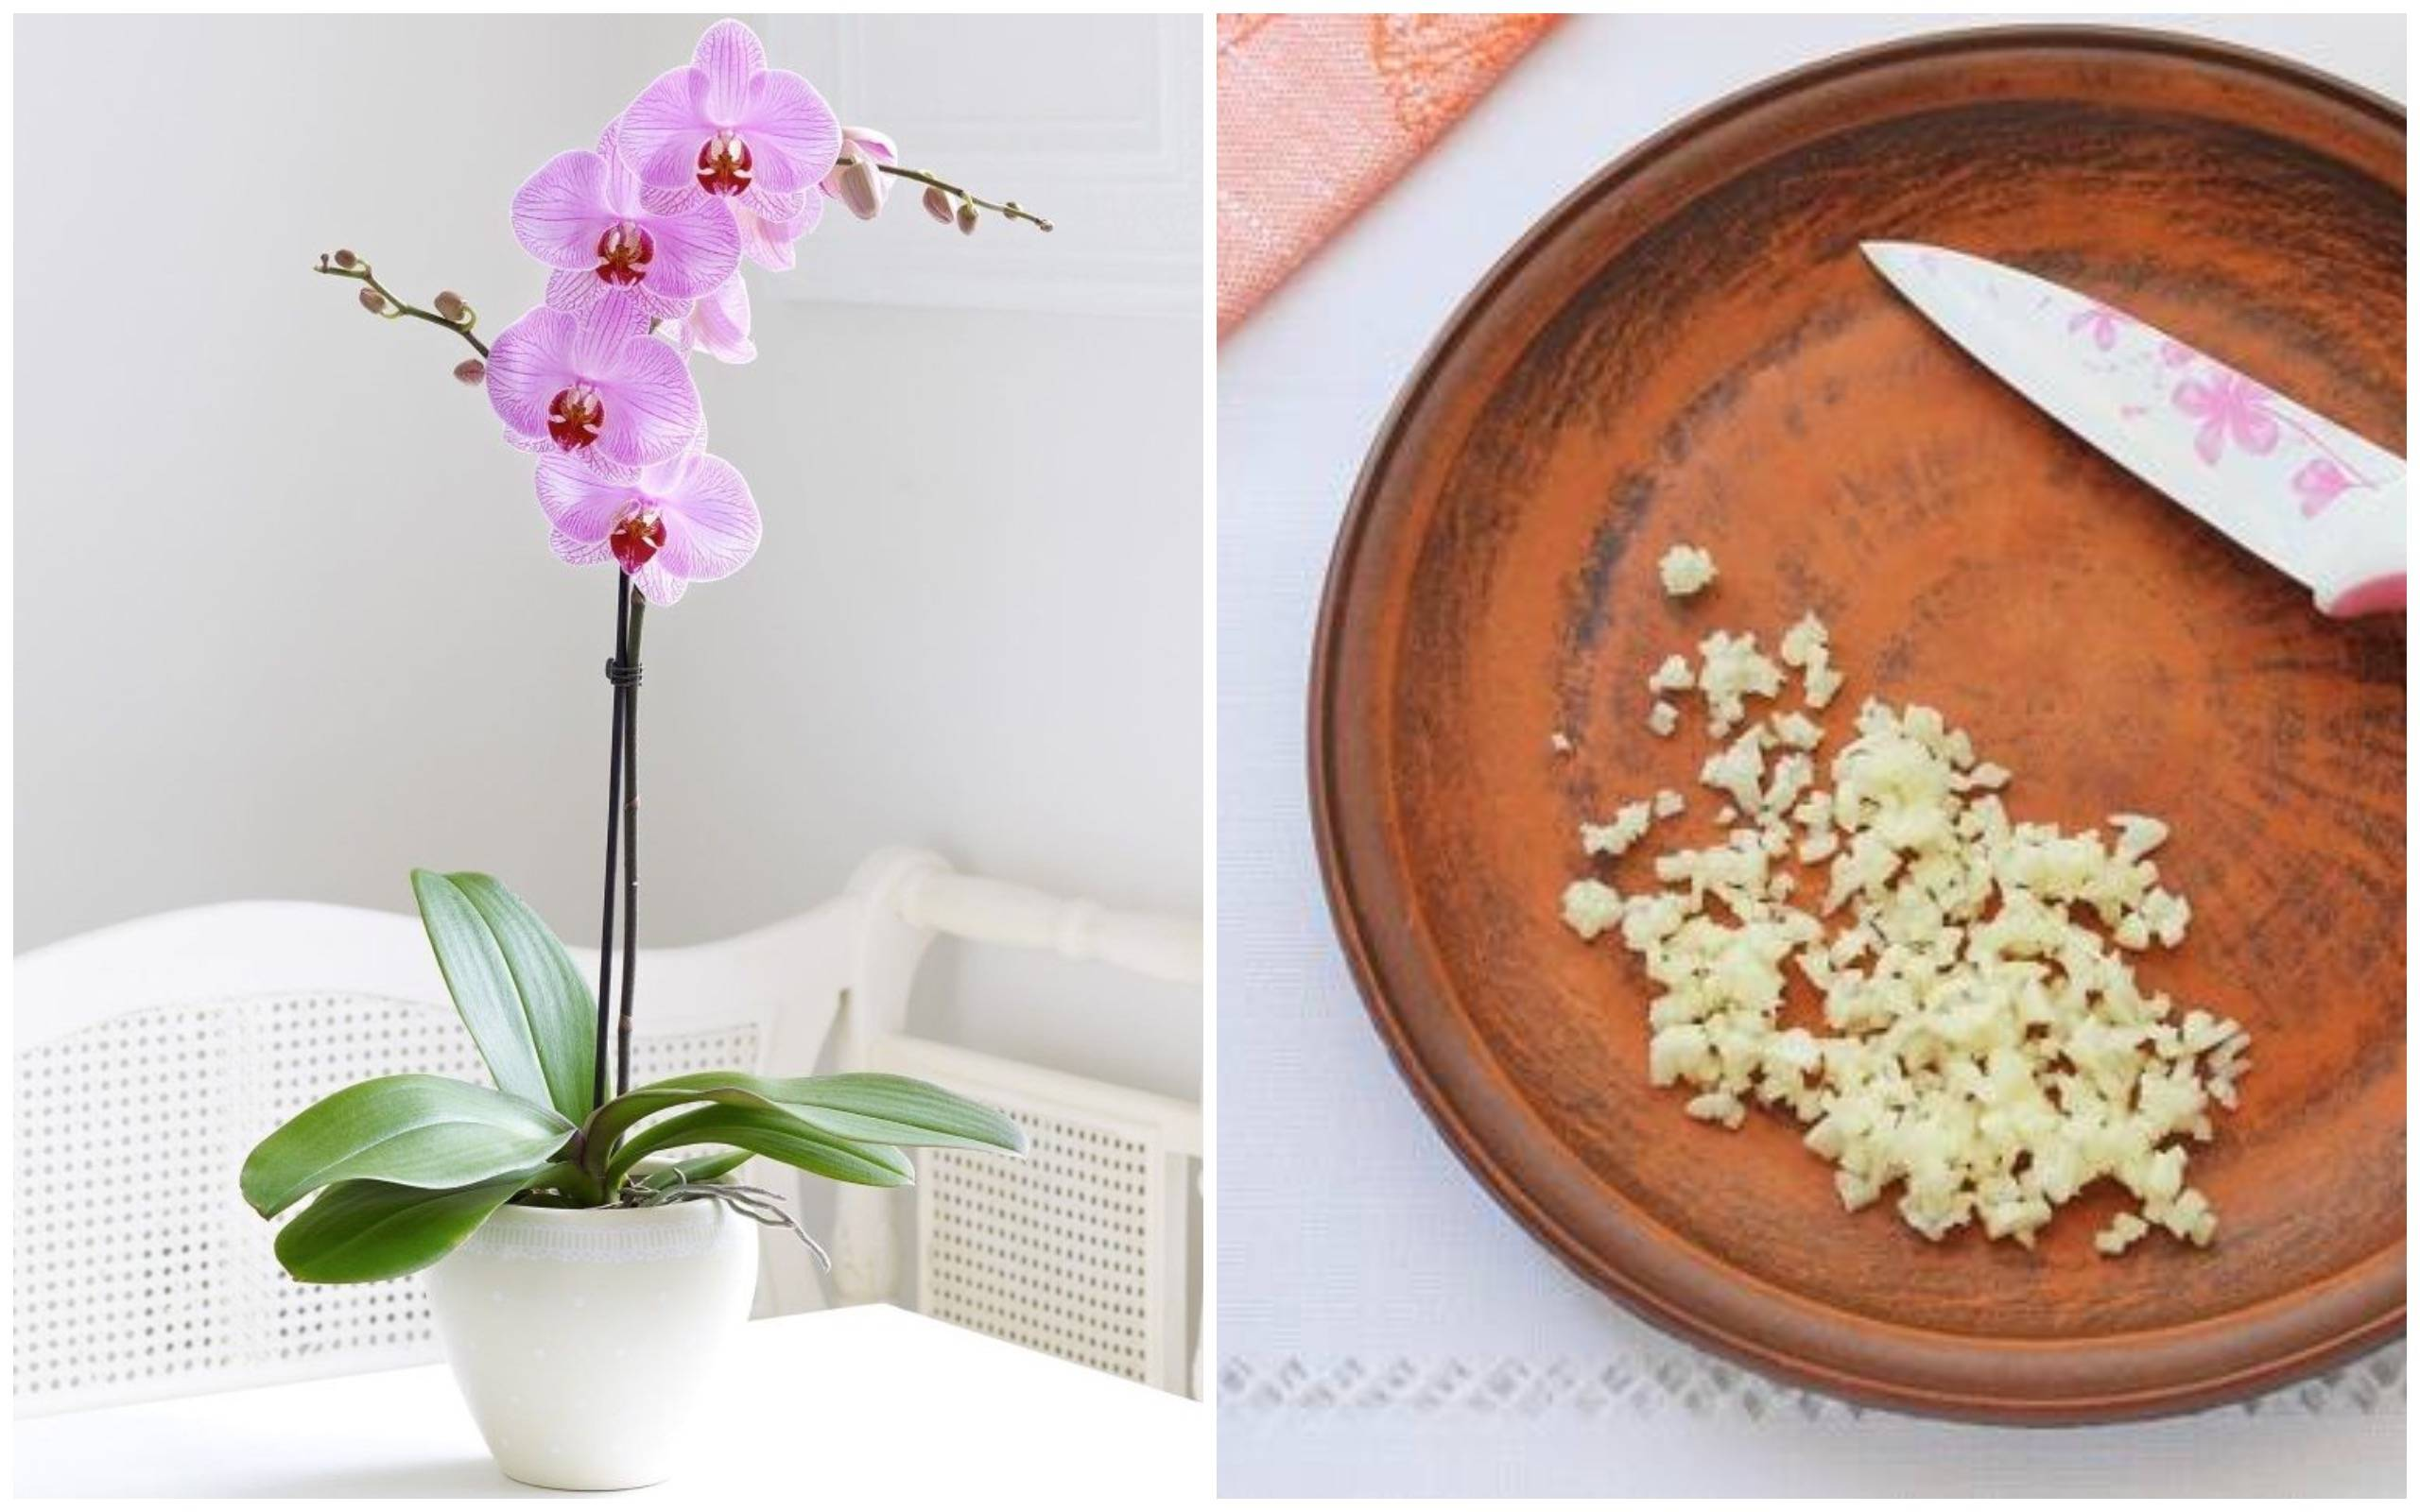 Удобрение для орхидей: когда вносить подкормки, как правильно и с какой частотой их нужно использовать и какой состав смеси, сделанной своими руками, лучше?